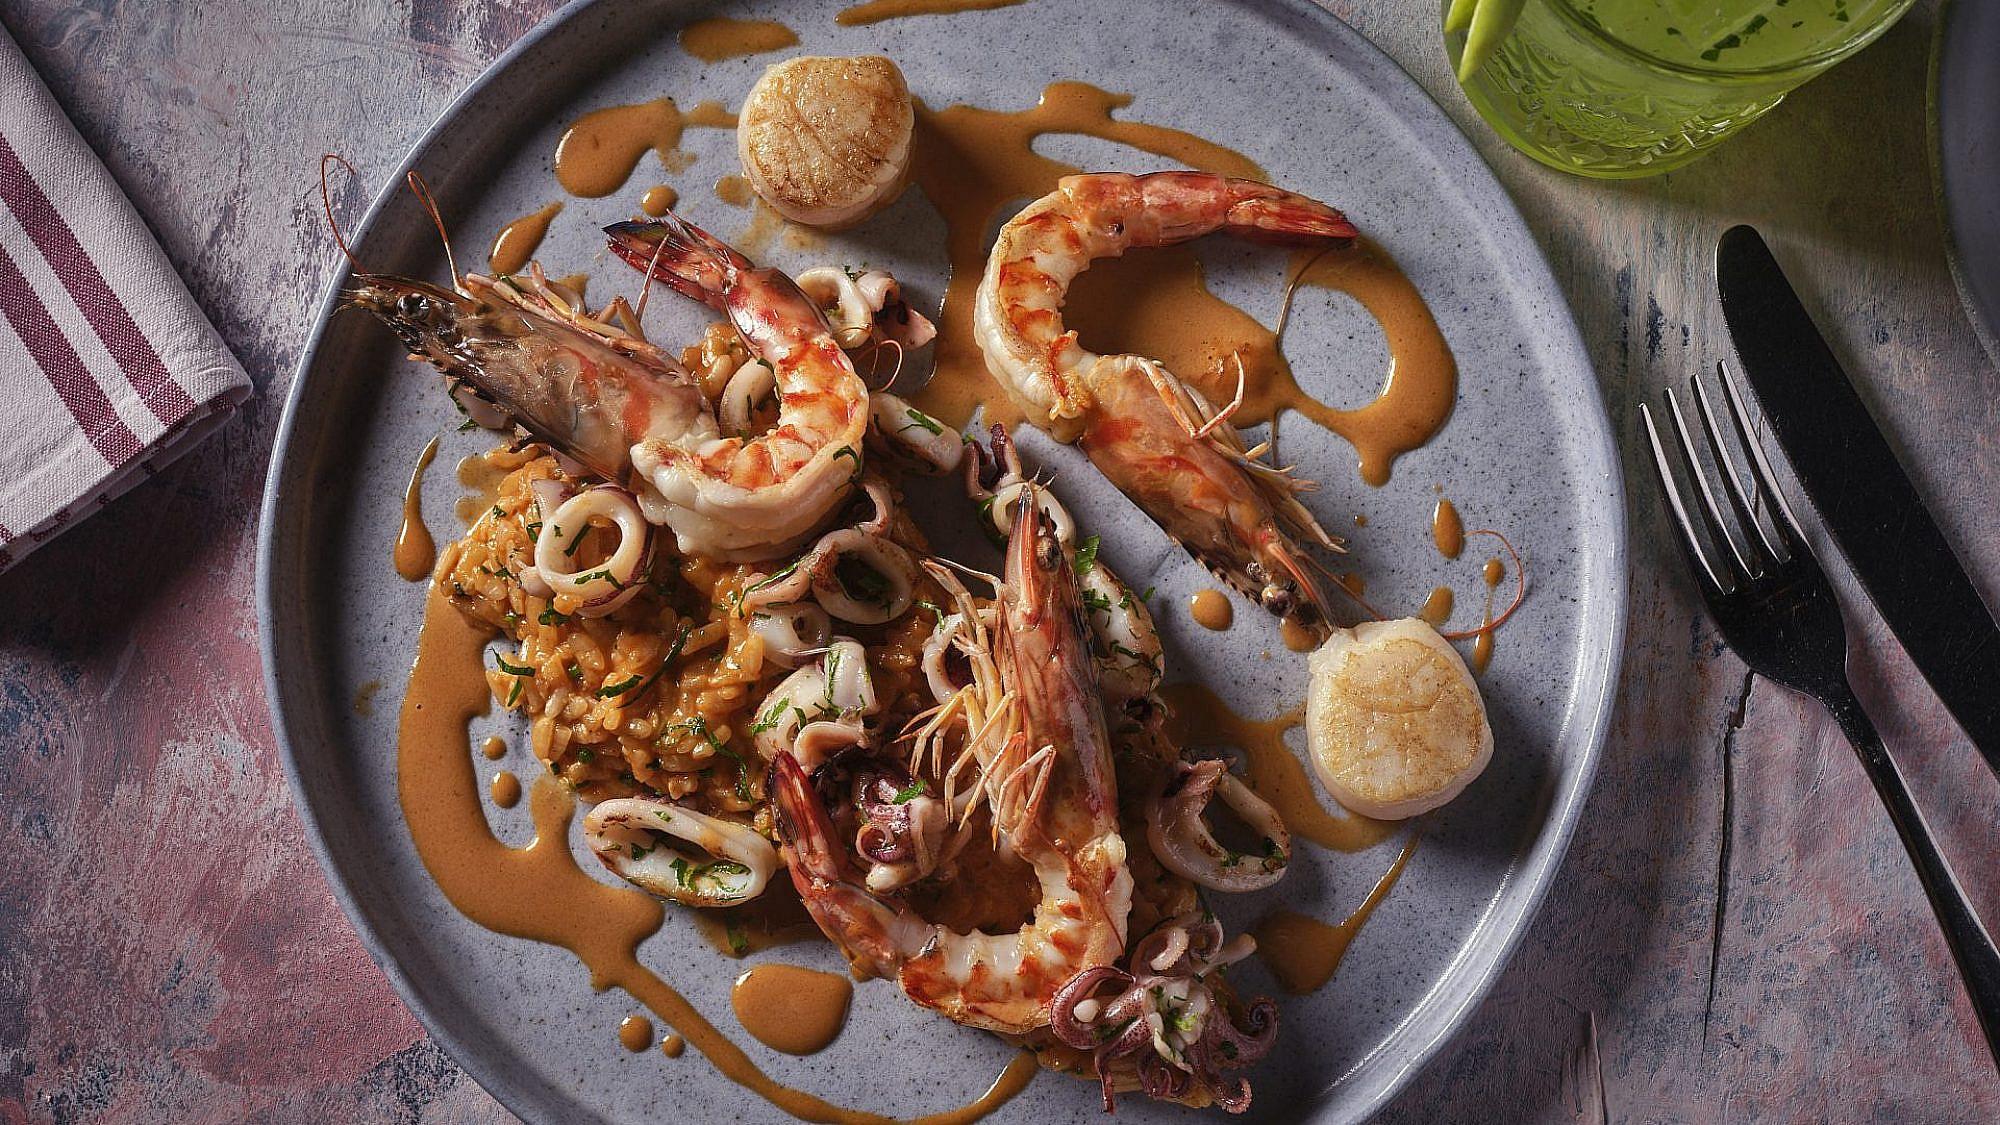 ריזוטו פירות ים. פאסטל (צילום: אנטולי מיכאלו)